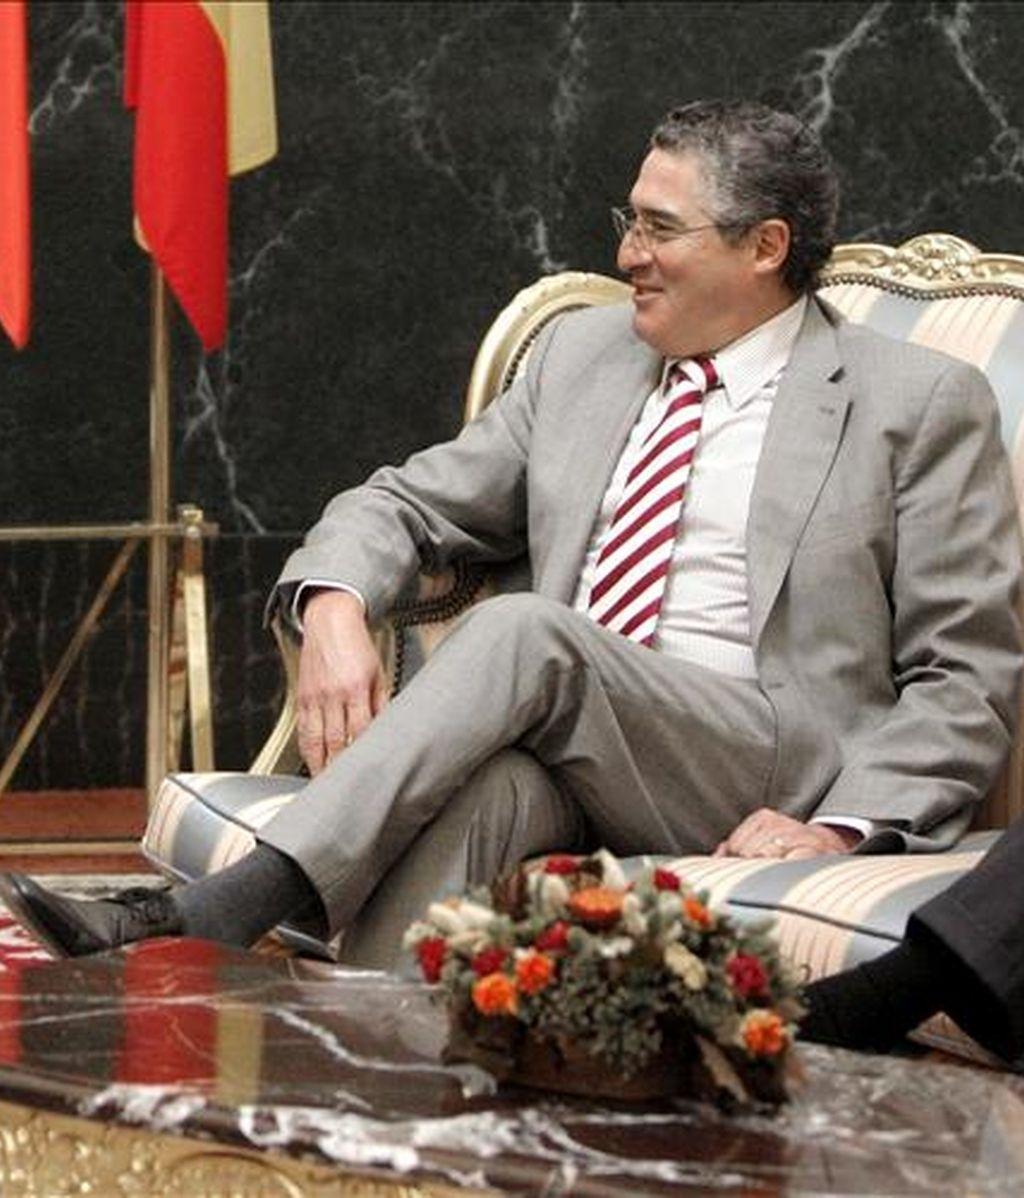 """El presidente del Senado chileno, el democristiano Jorge Pizarro, dijo: """"No podemos poner en duda que la demanda por territorio marítimo presentada por Perú guarda complejas e inciertas consecuencias"""". EFE/Archivo"""